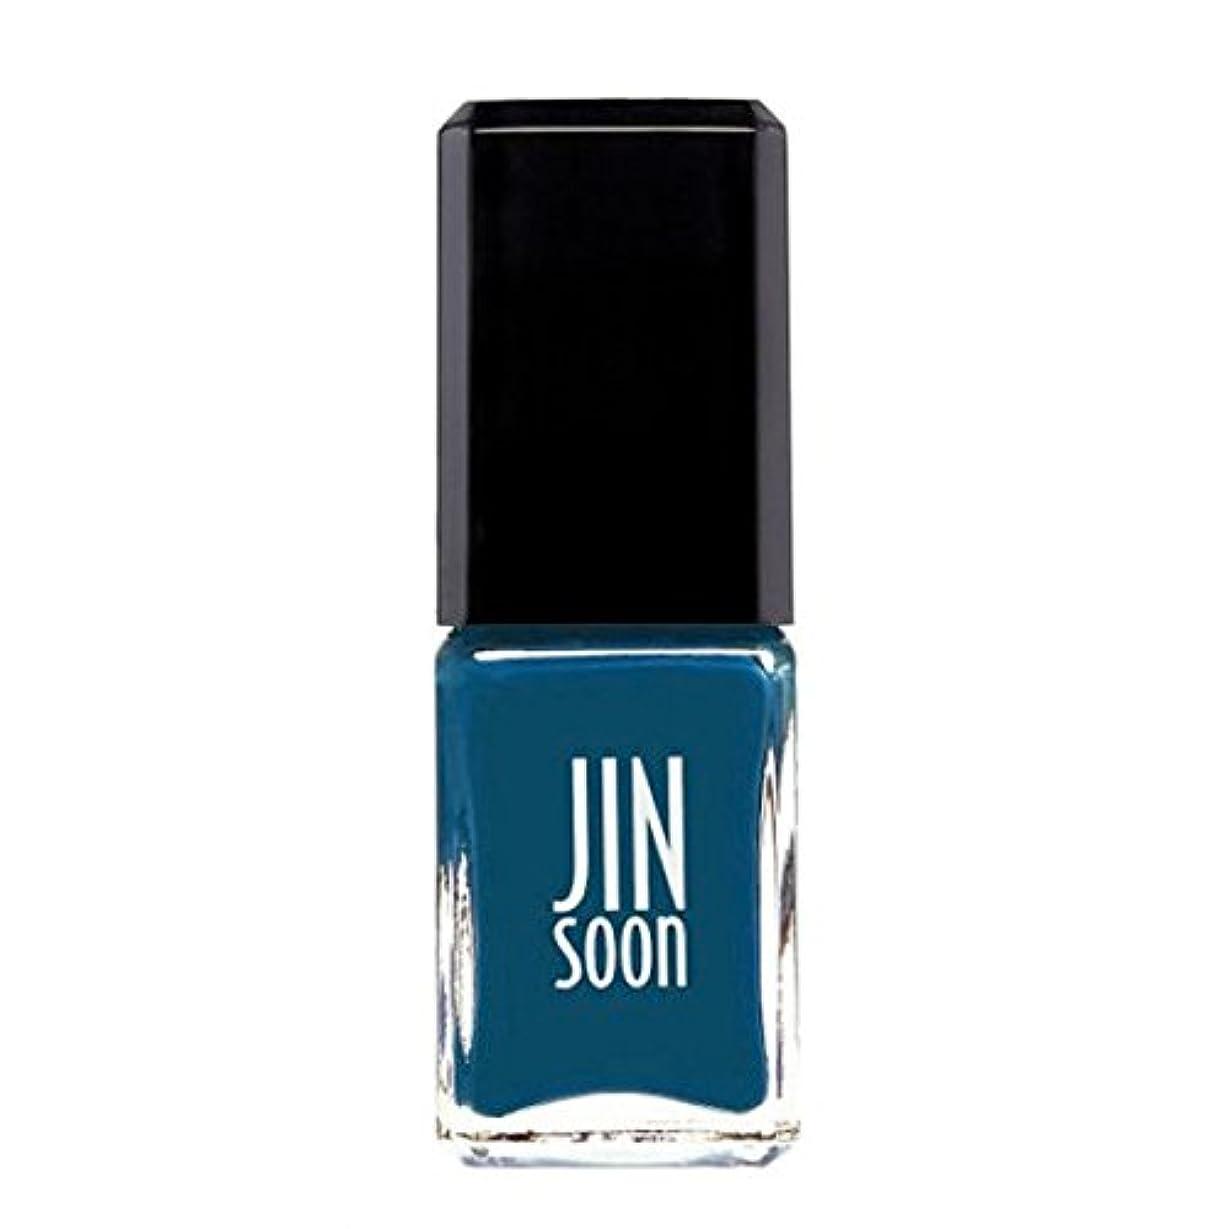 ジムインフレーションネコ[ジンスーン] [ jinsoon] ボウ(ティールブルー) BEAU ジンスーン 5フリー ネイルポリッシュ ネイルカラー系統:ティールブルー teal blue 11mL